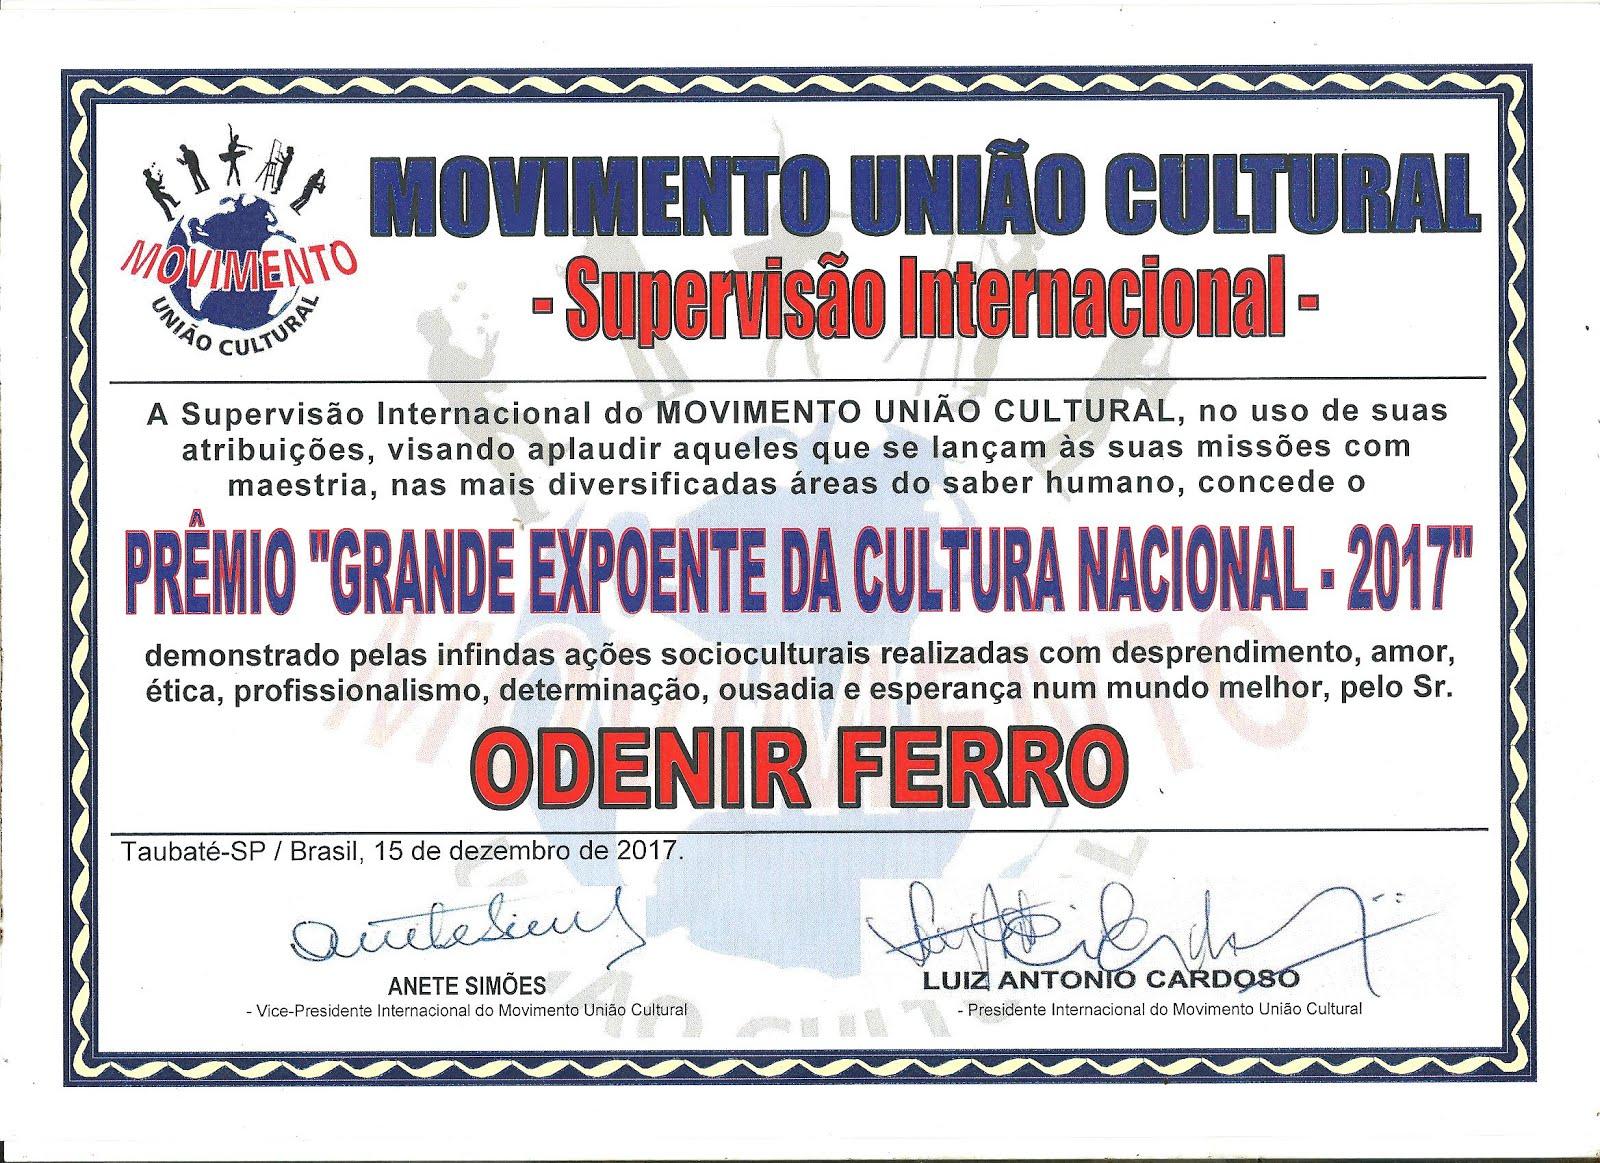 MOVIMENTO UNIÃO CULTURAL - Supervisão Internacional -